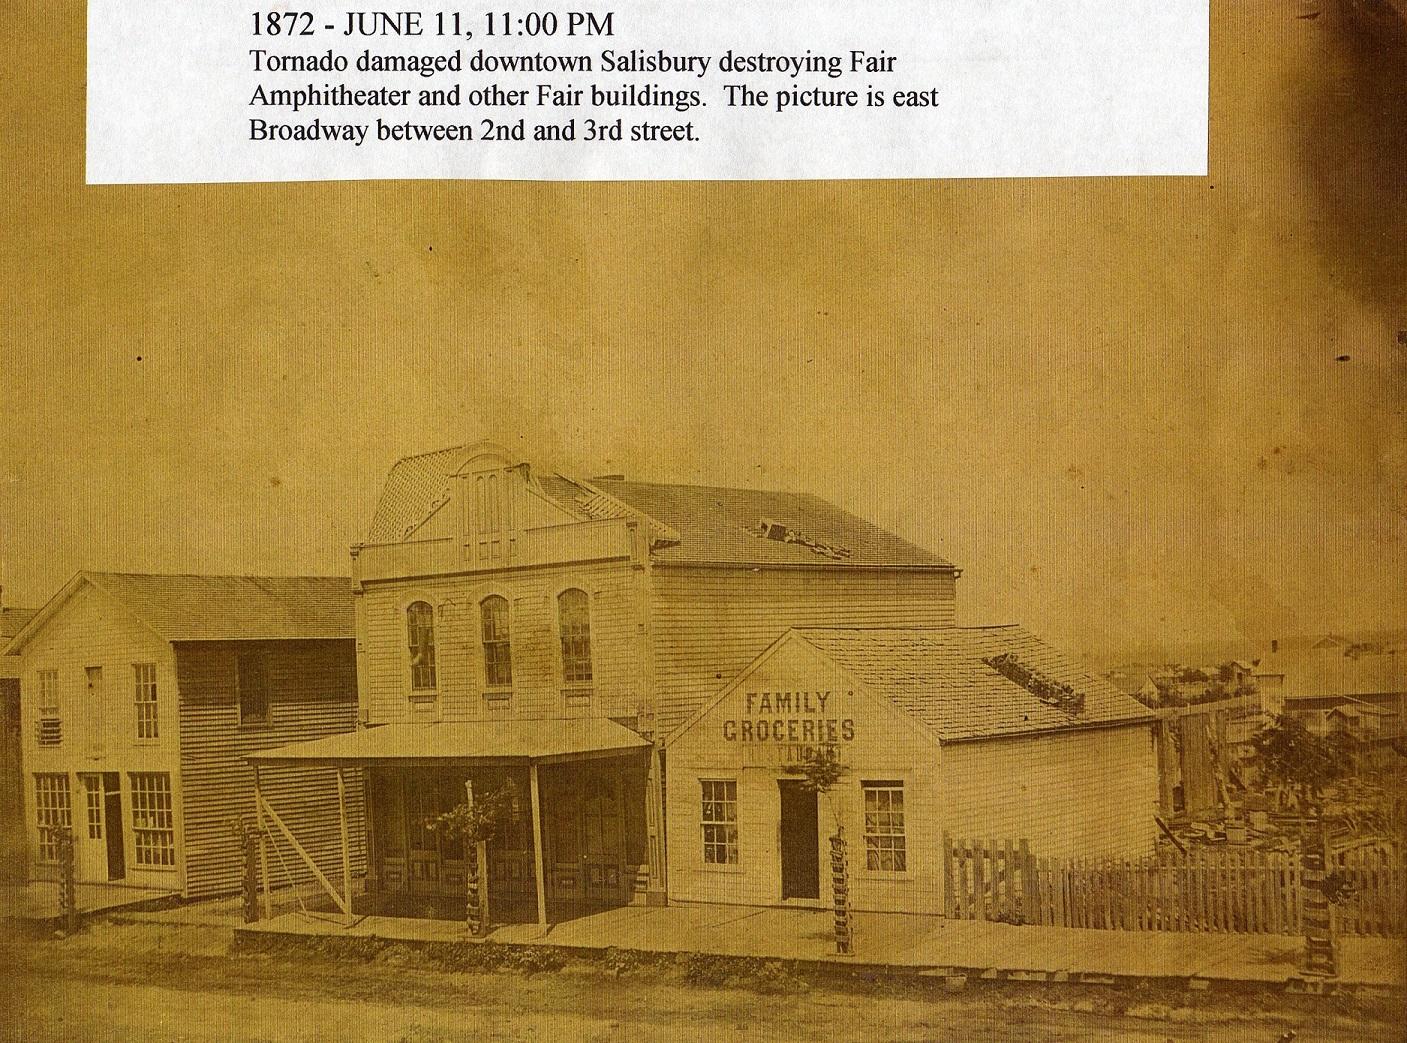 Tornado of 1872